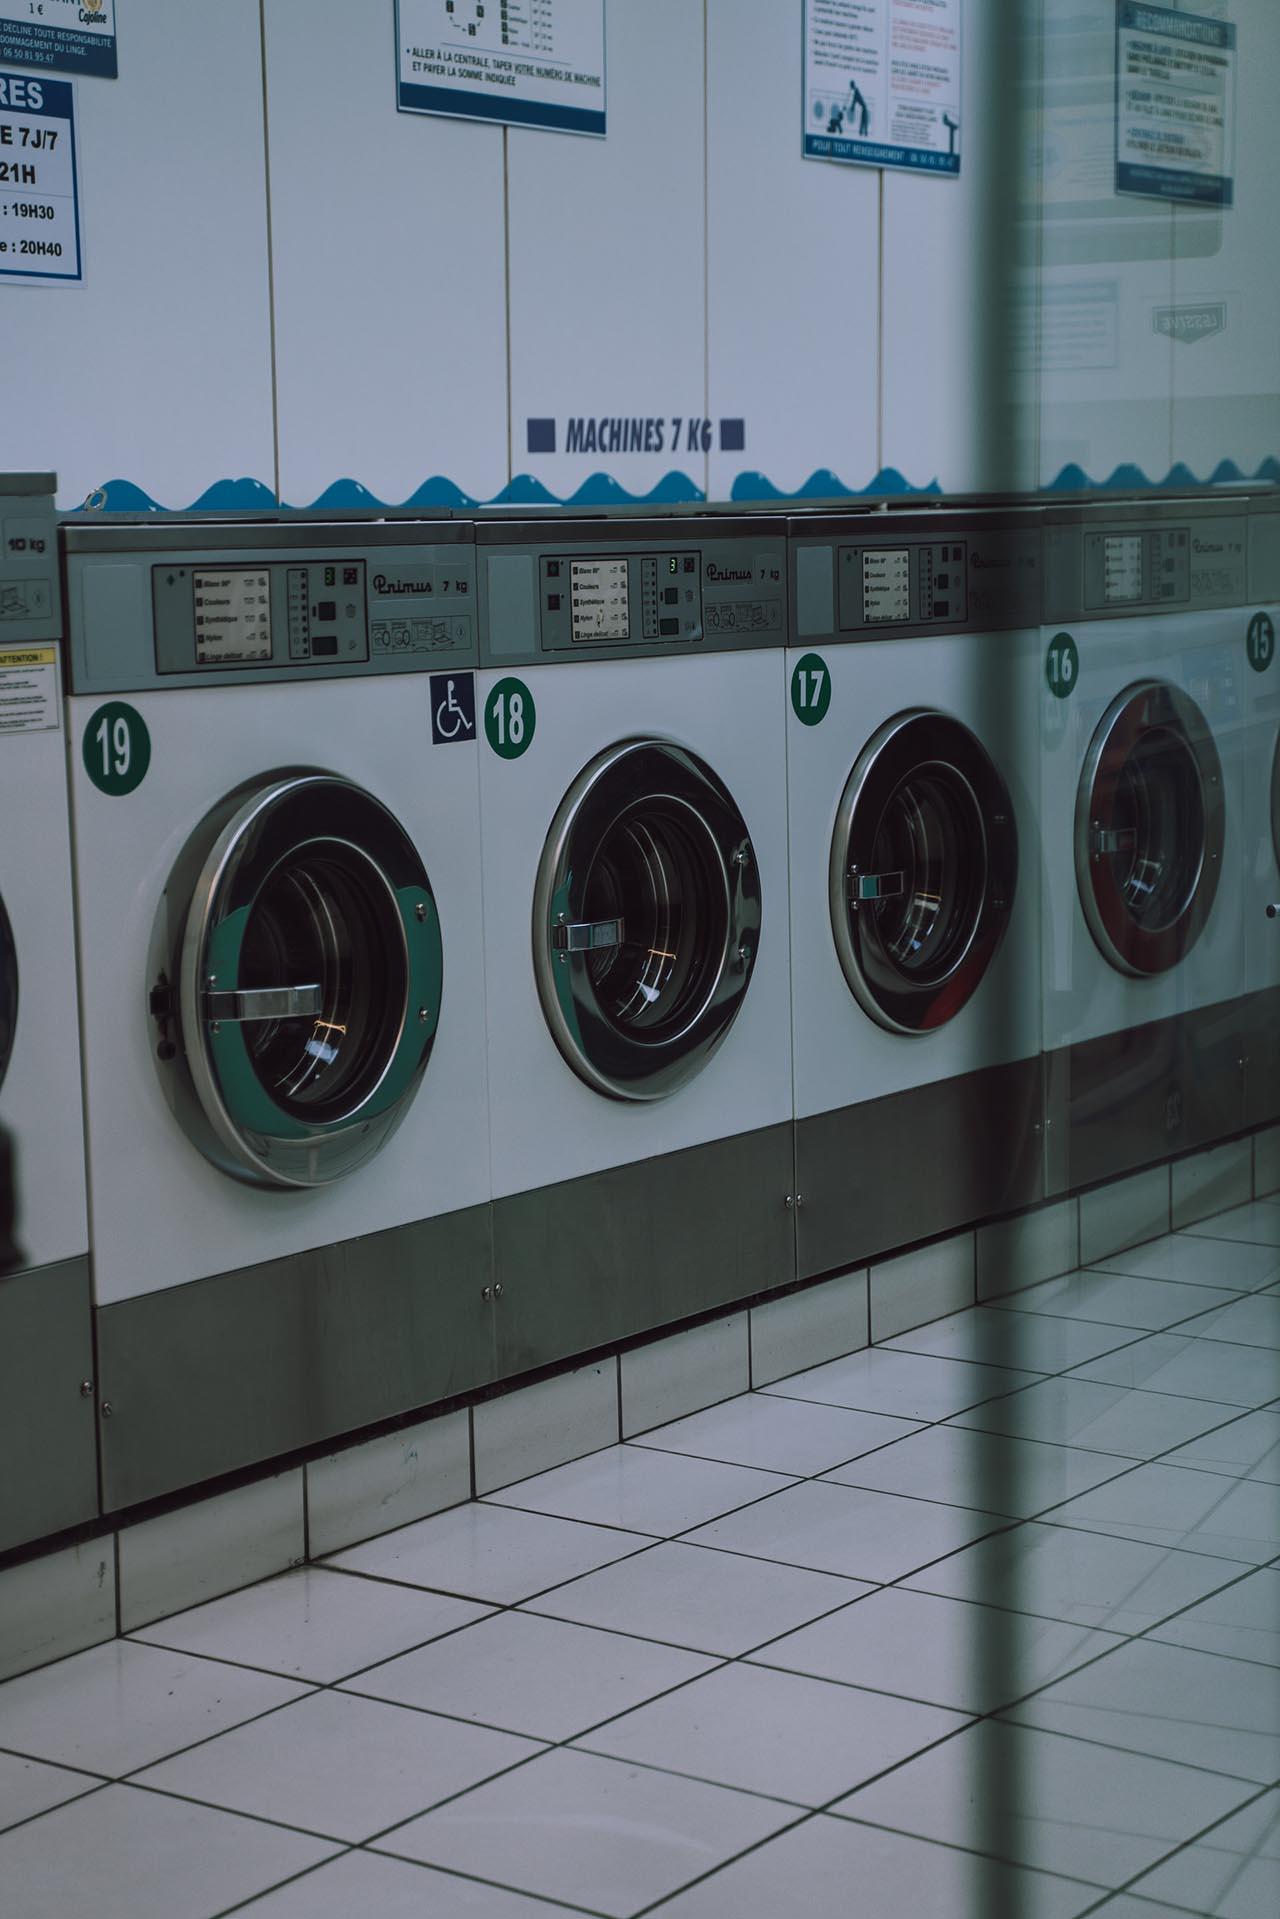 Auch viele Waschsalons sind mit 7 kg Waschmaschinen ausgestattet.